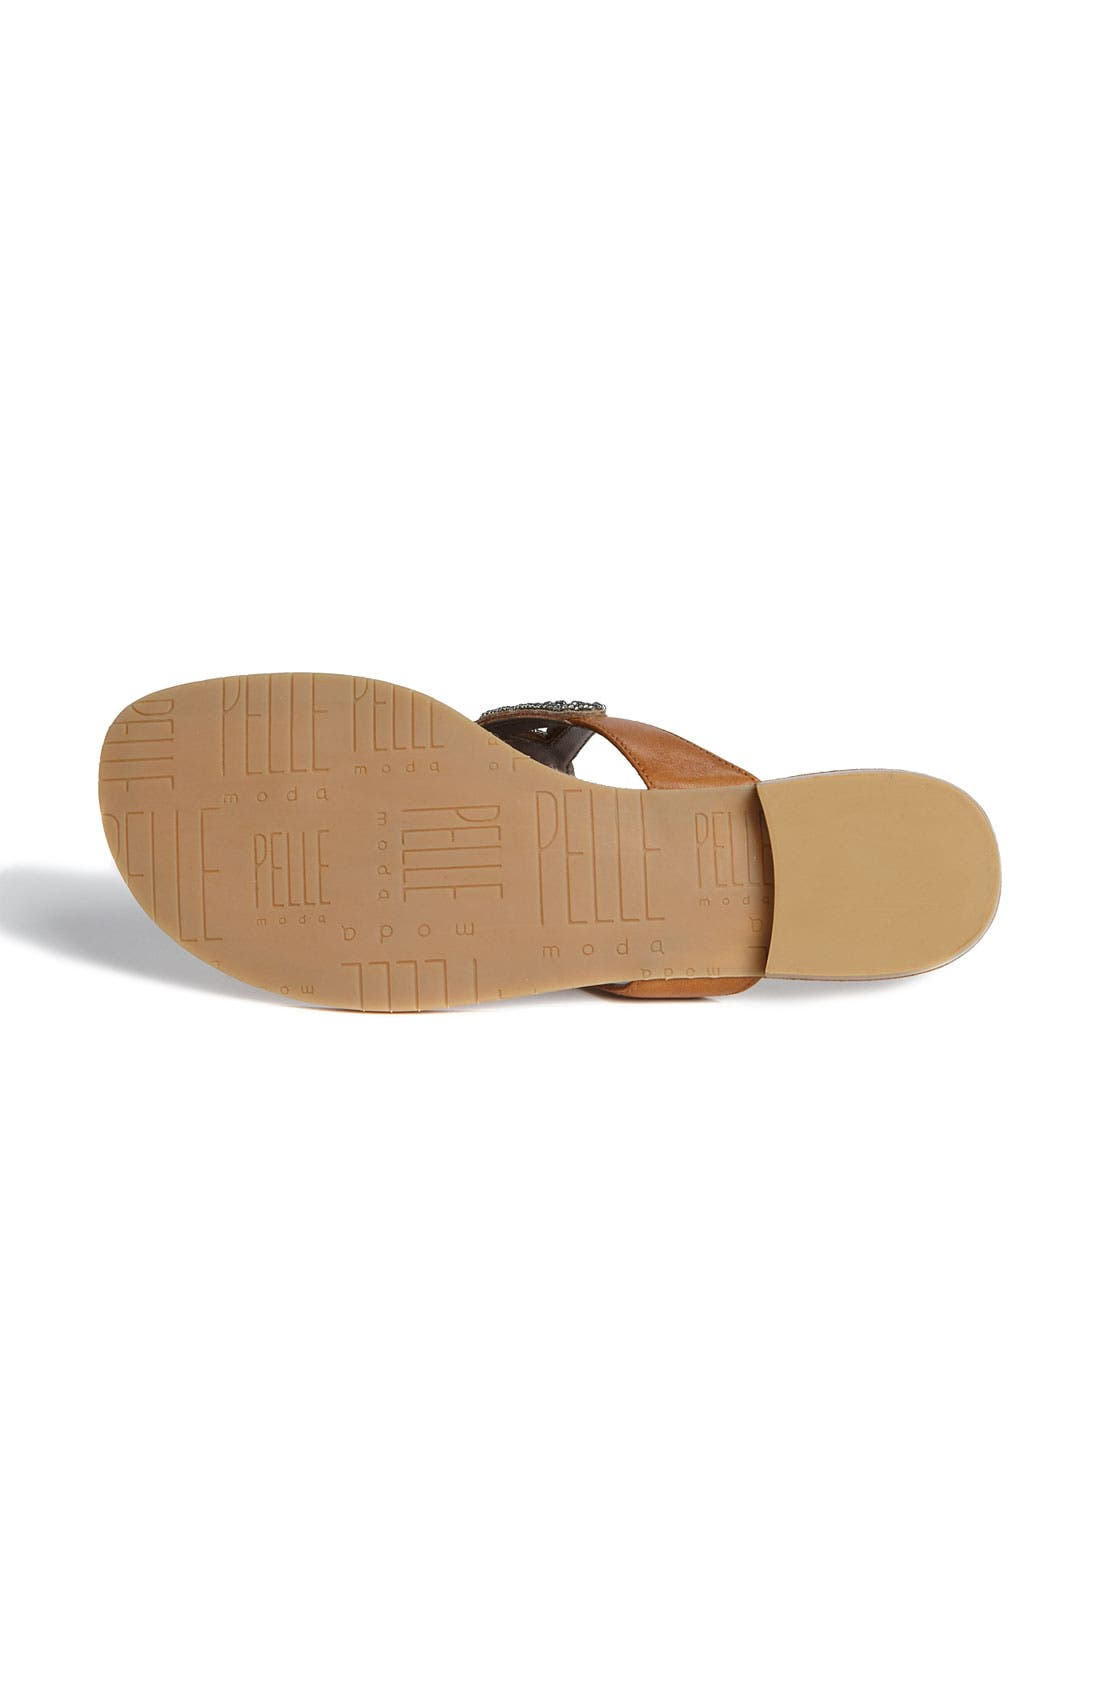 Alternate Image 4  - Pelle Moda 'Banta' Sandal